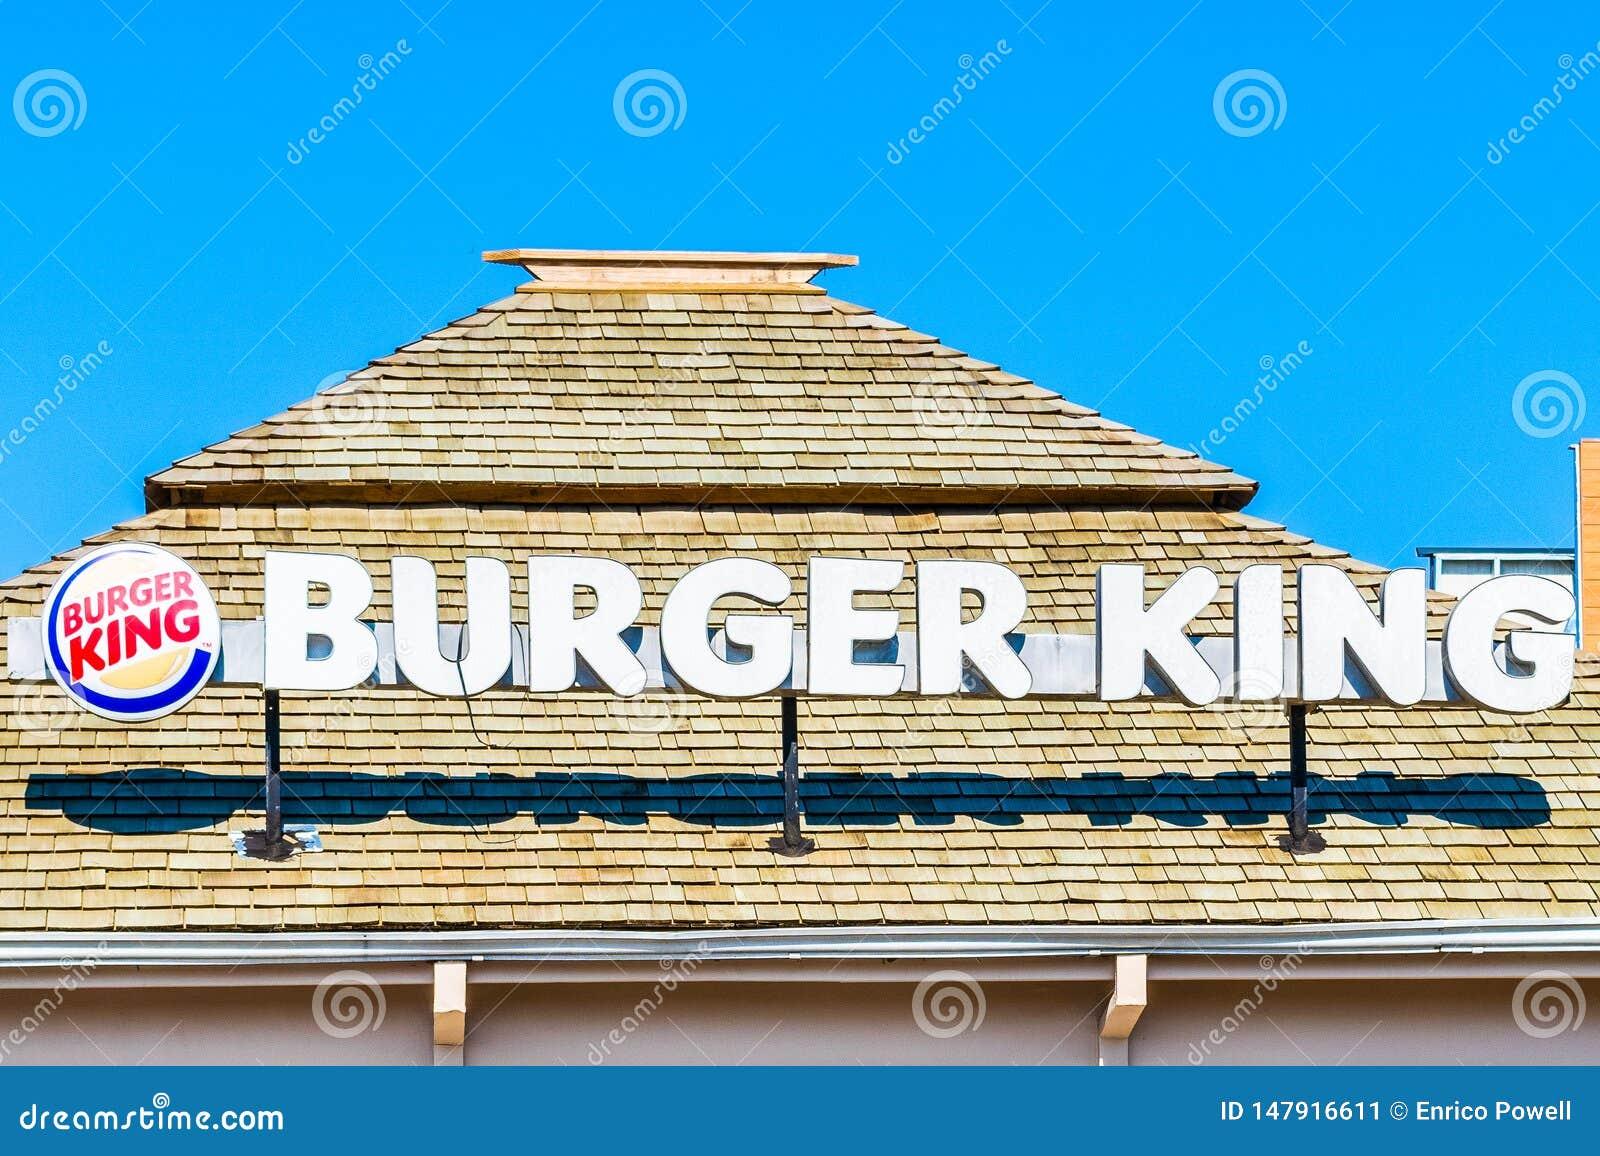 Negril Jamaica koncessionfilial av den amerikanska snabbmatkedjan Burger King, en favorit- snabbmatrestaurang bland jamaikaner